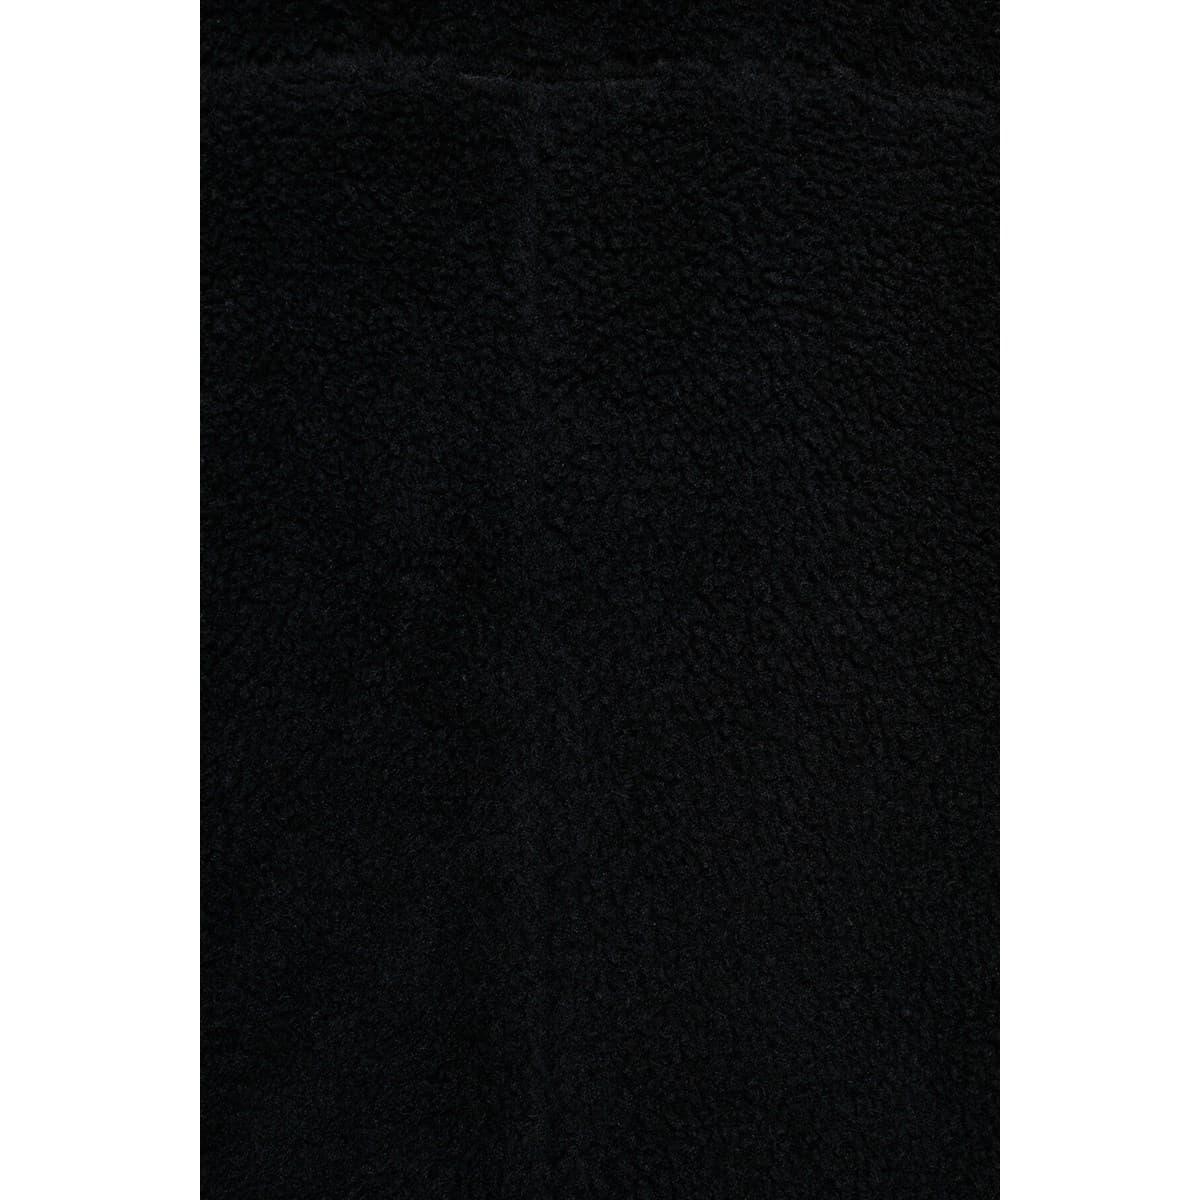 Suni Kürk Kadın Siyah Kaban (110358-900)